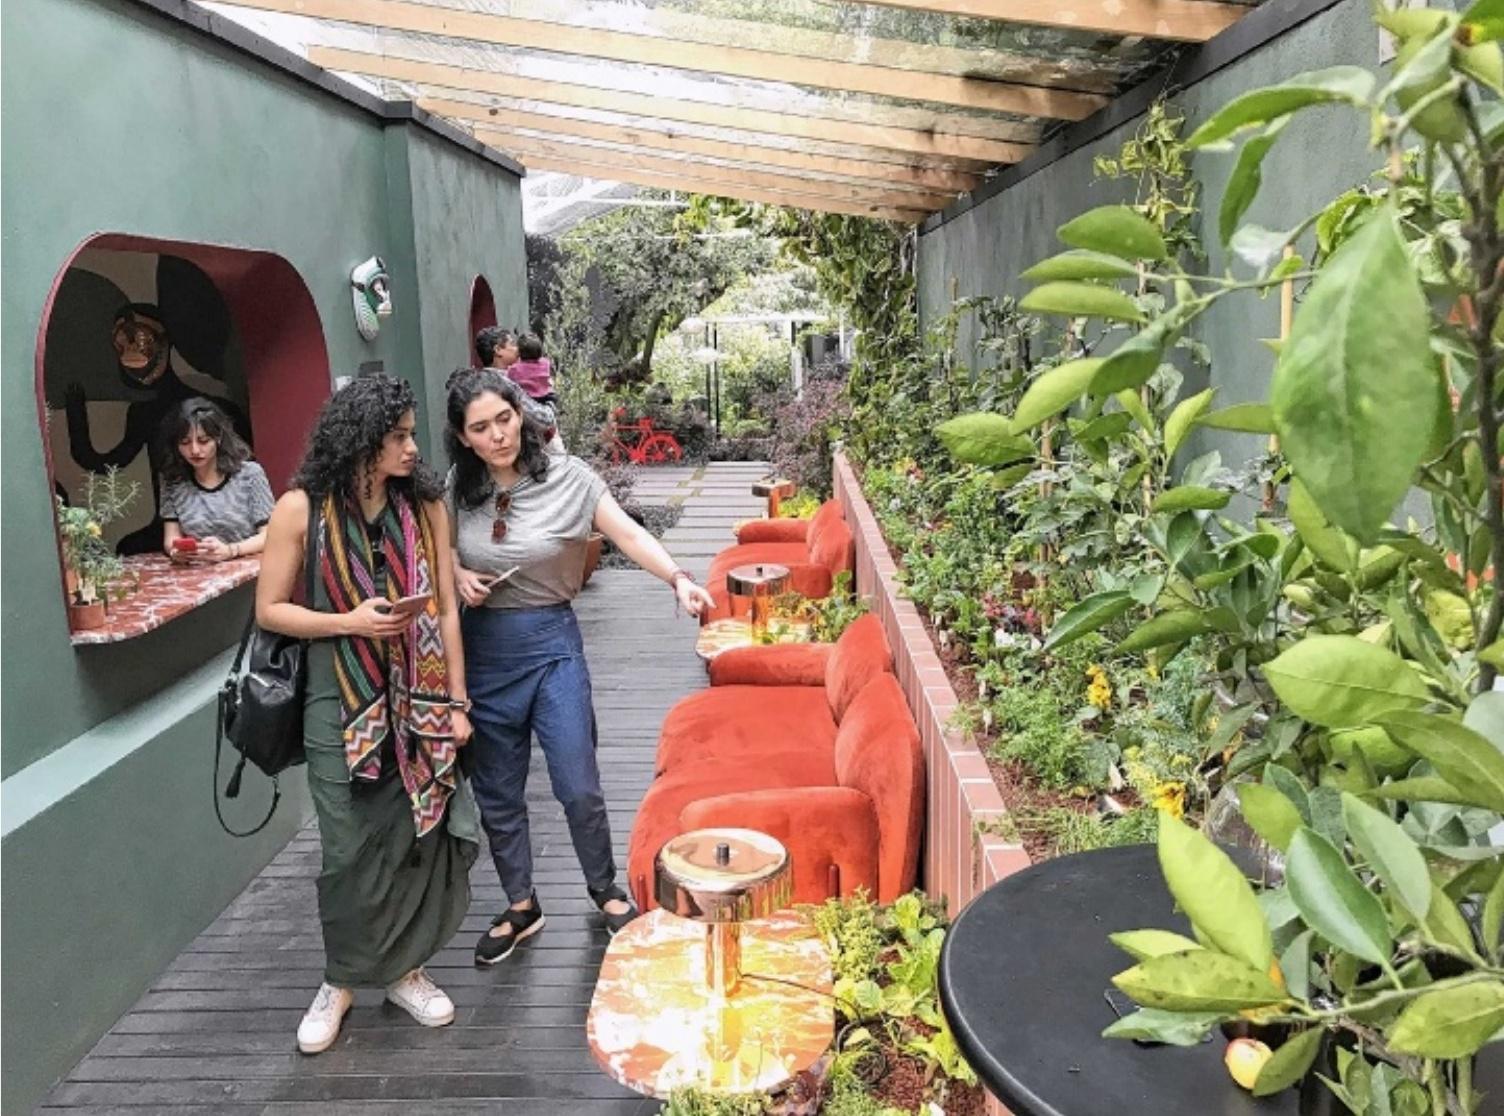 À MEXICO, VALÉRIE SAUVAGE,economie@lavoixdunord.fr